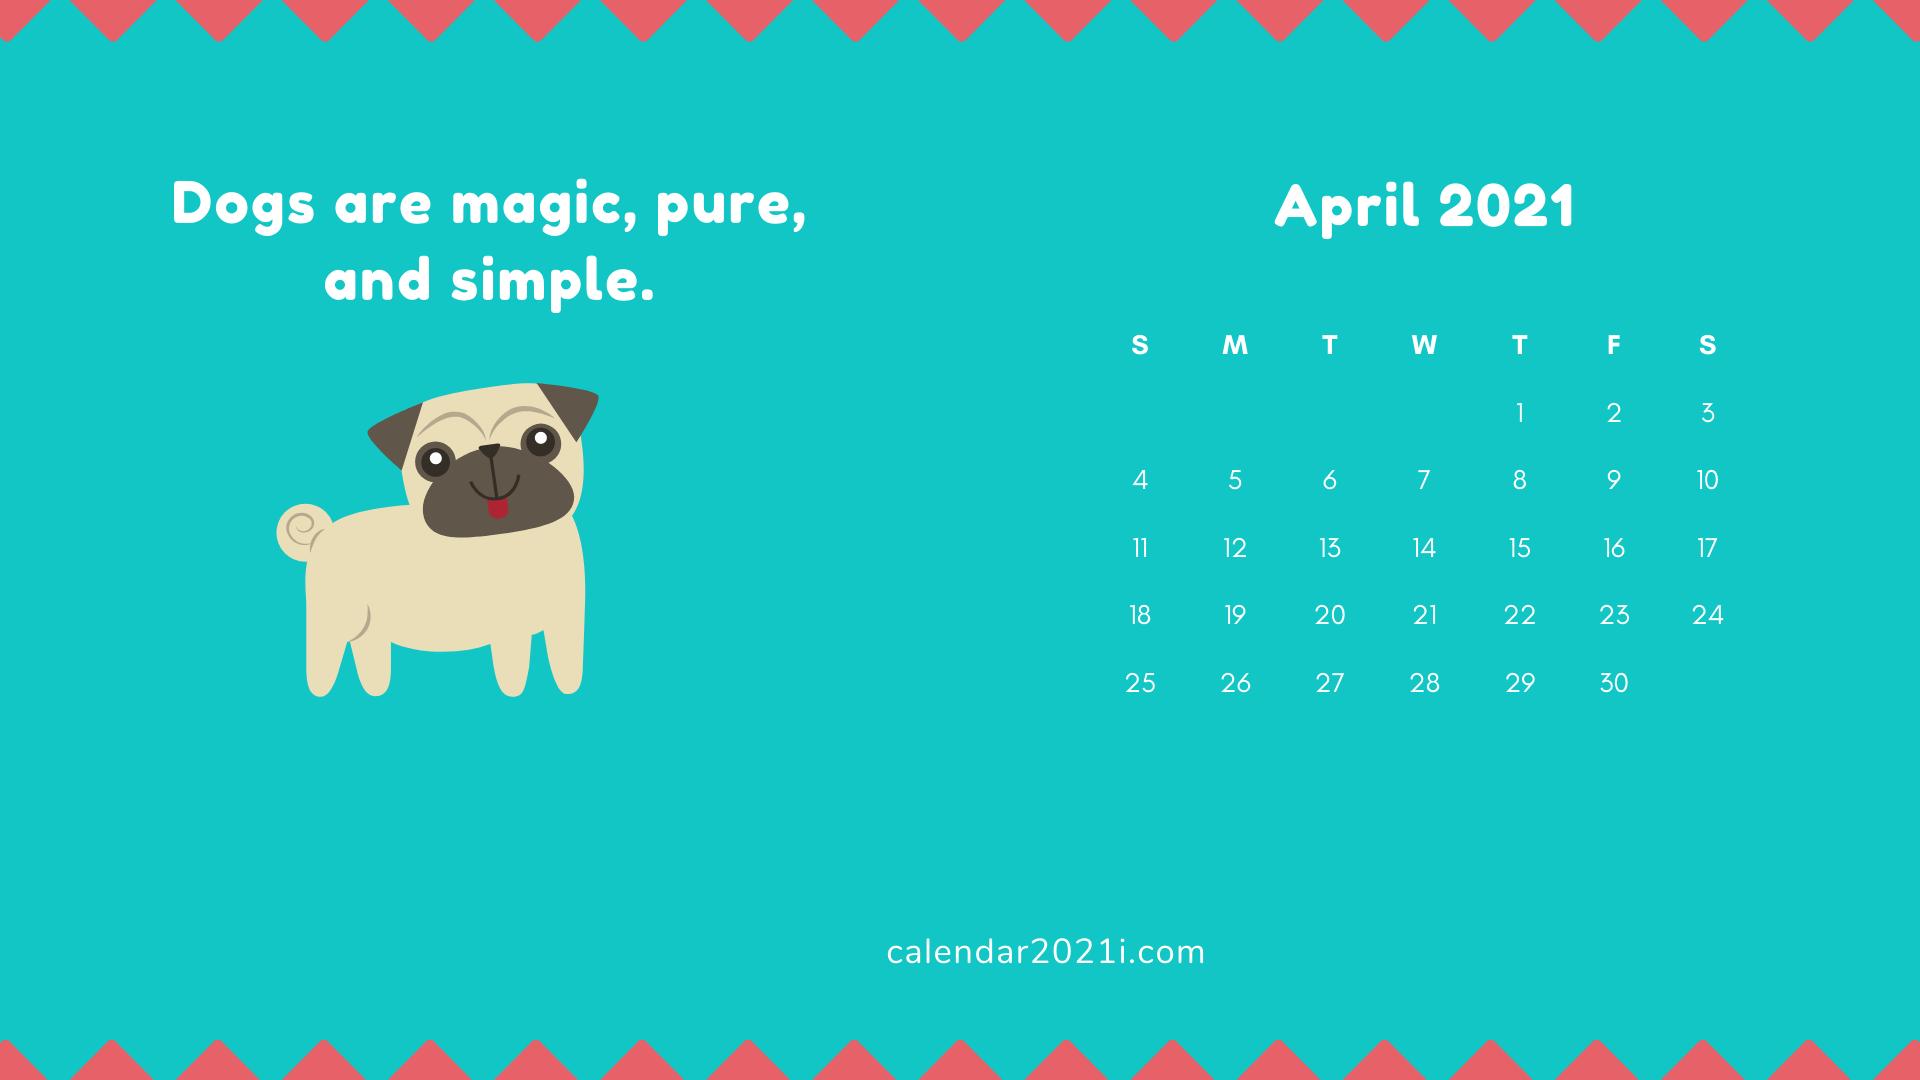 April 2021 Wallpaper Calendar April 2021 Calendar Wallpaper | Calendar wallpaper, 2021 calendar